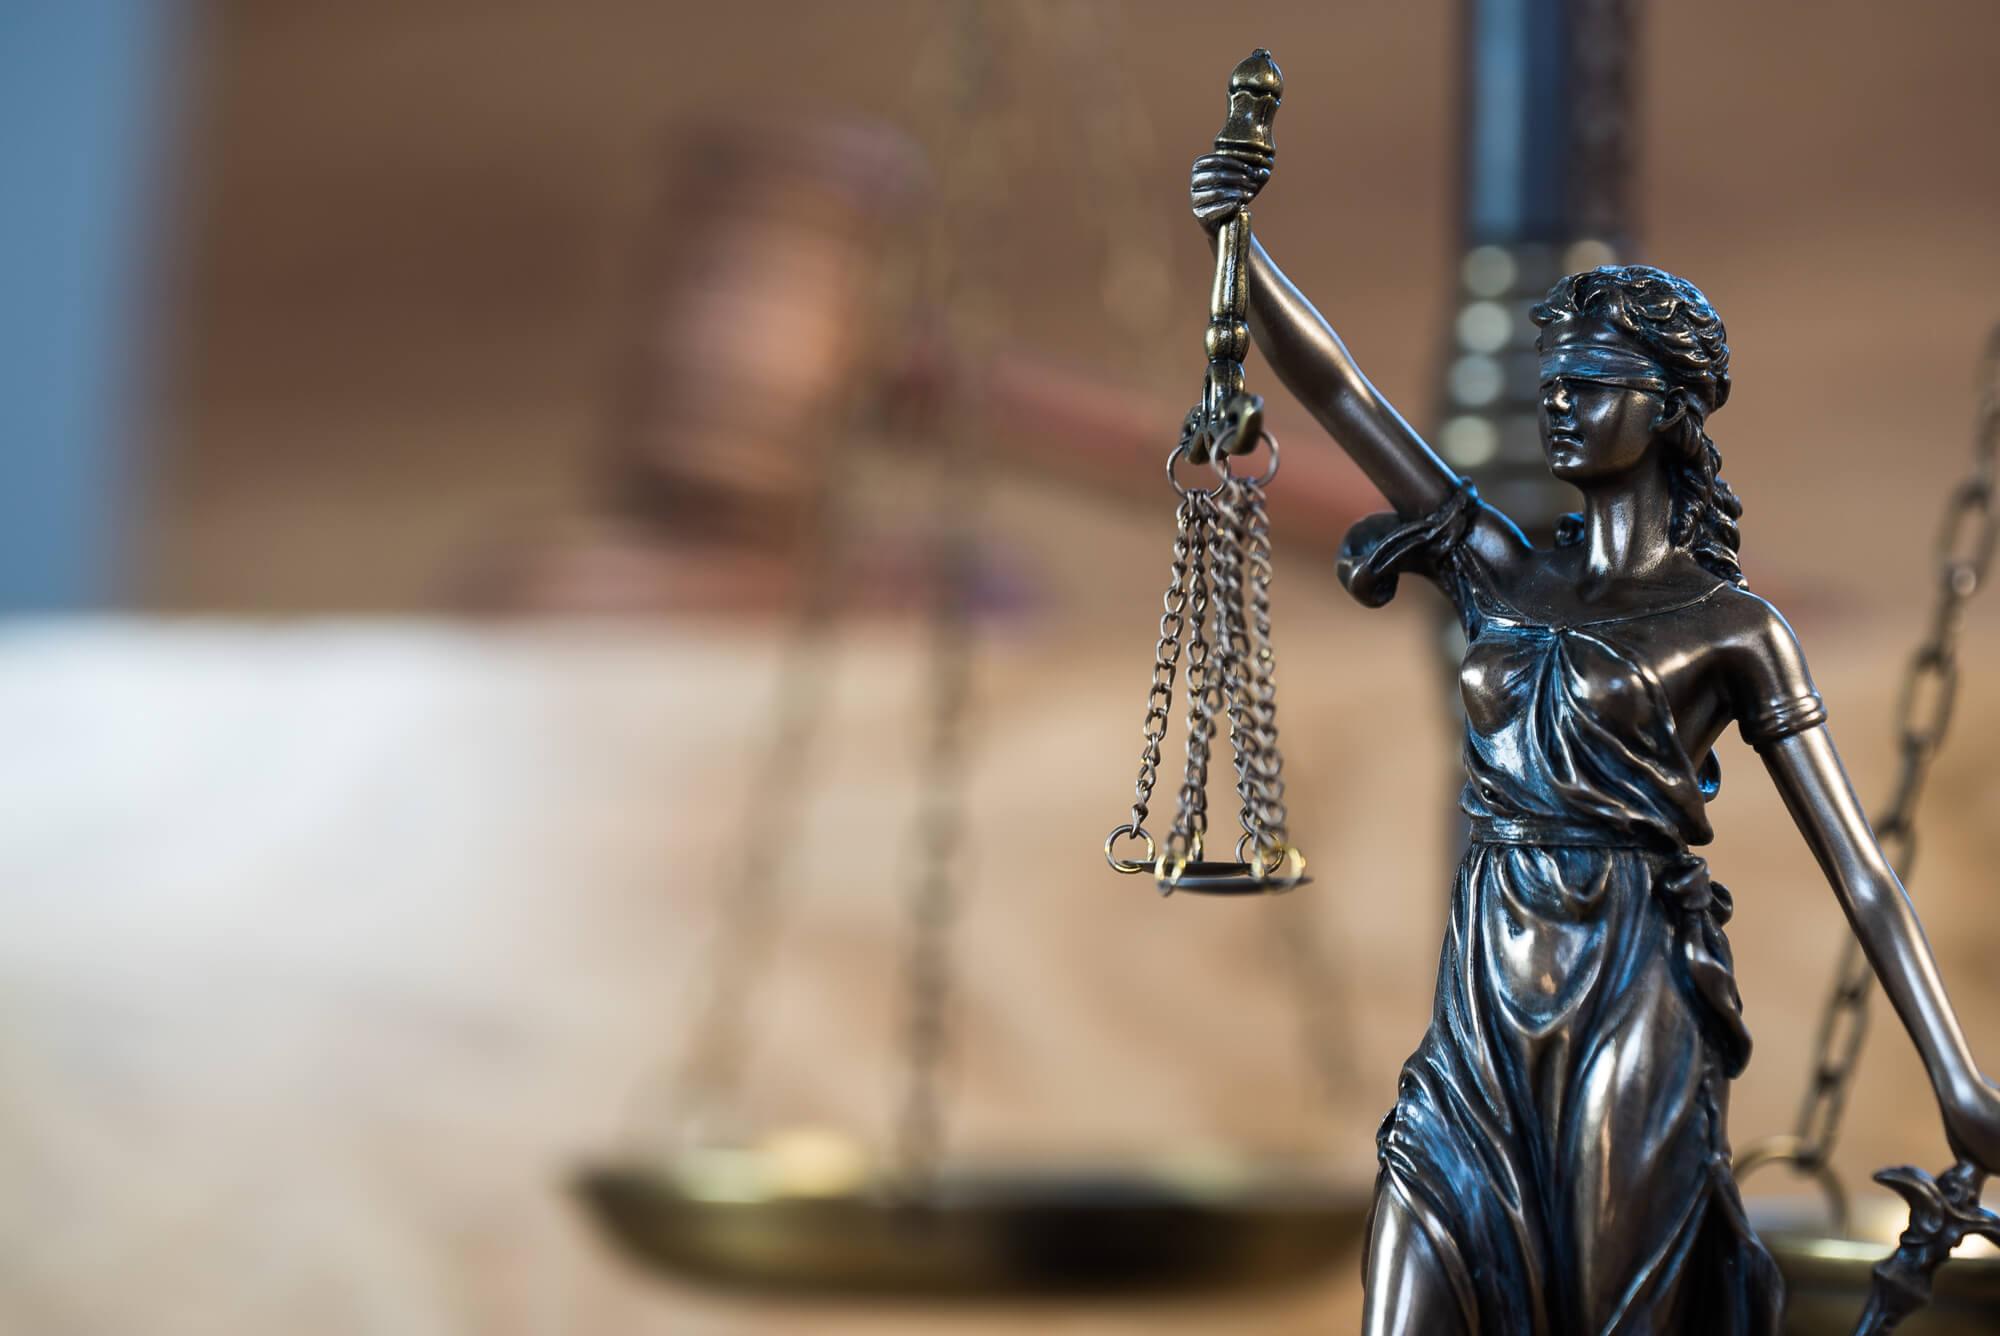 Індекс реформ №166: судова реформа та цифрова економіка